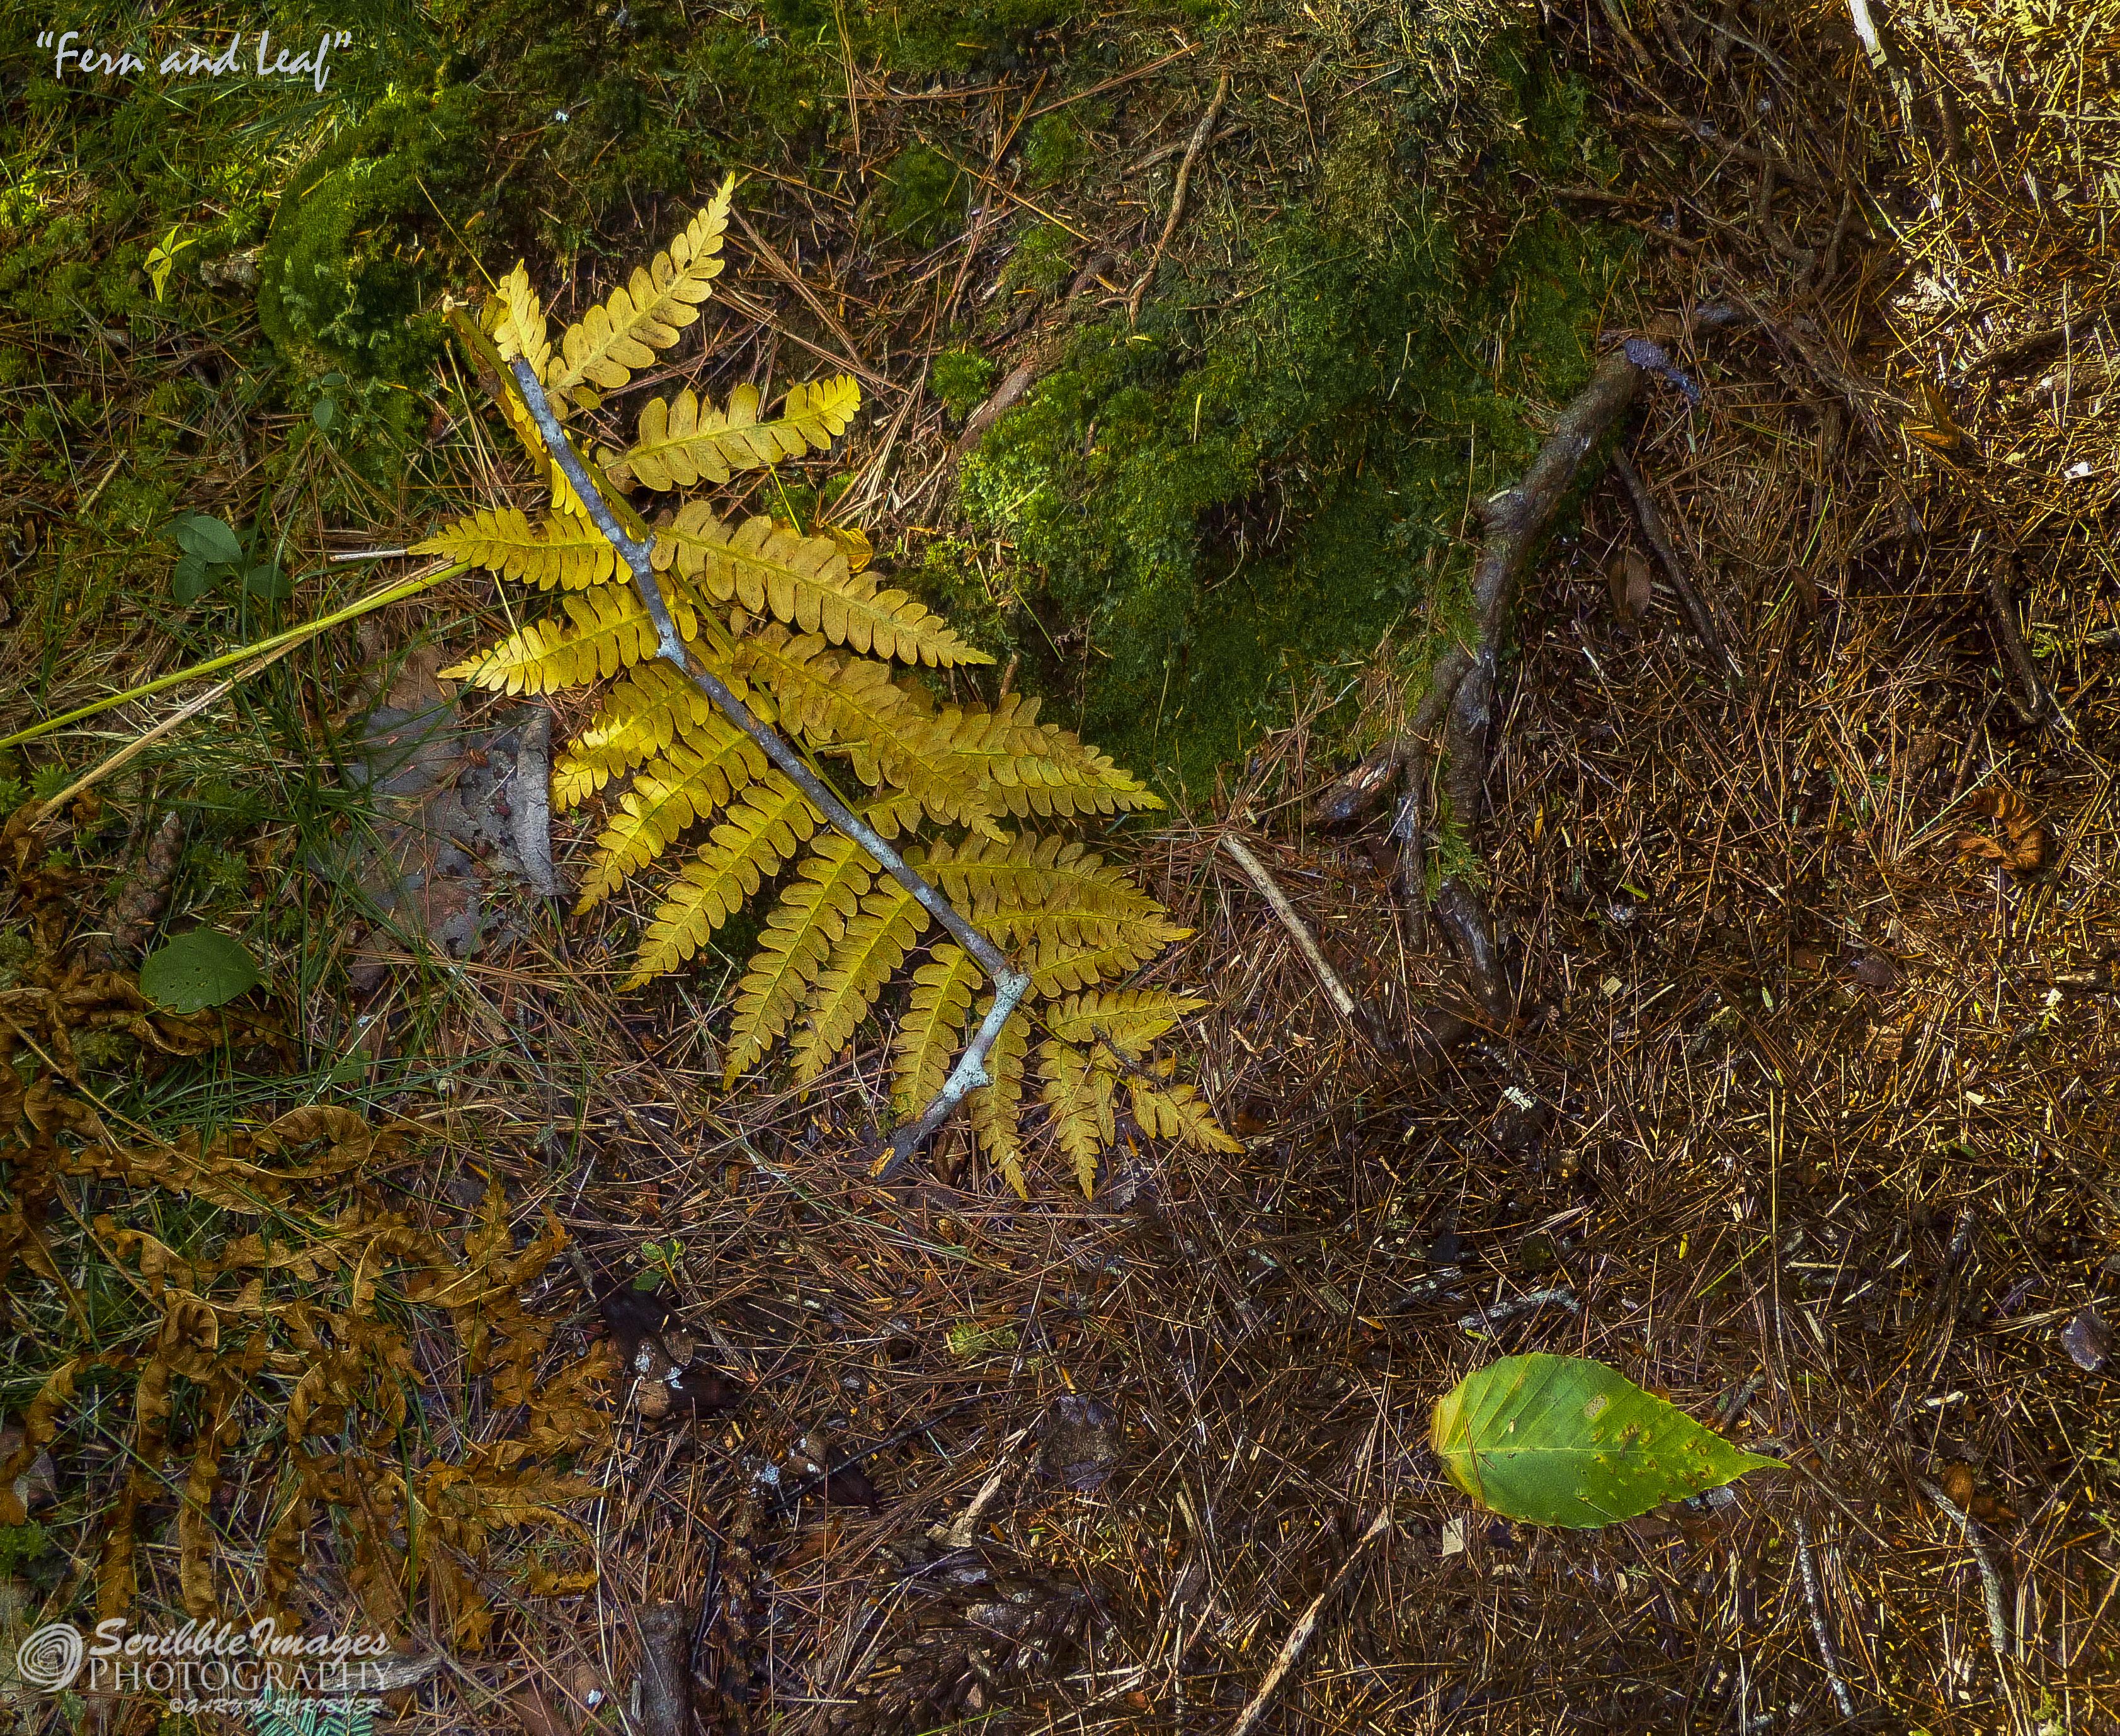 P1070398 Fern and Leaf